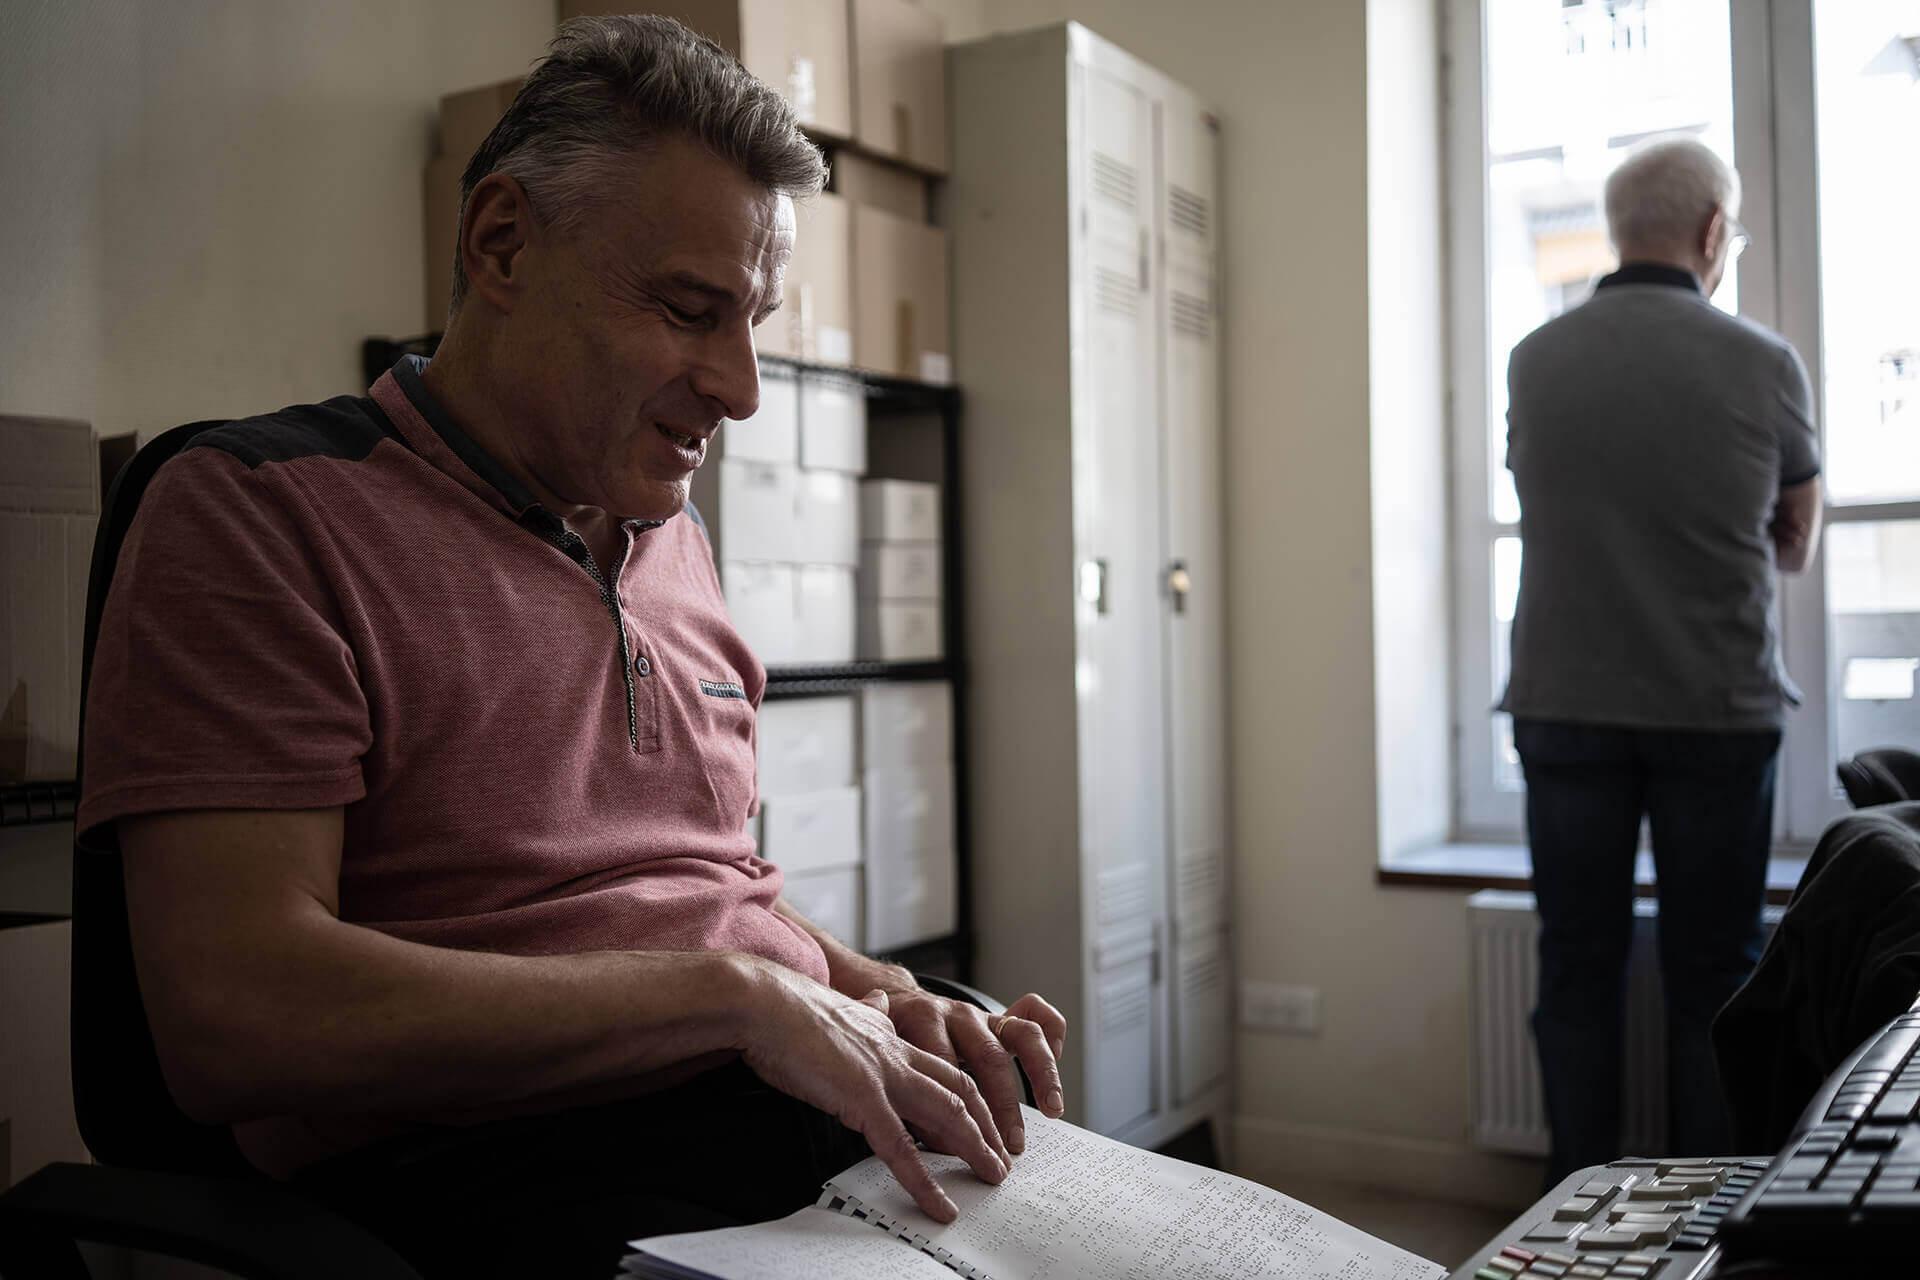 Jean-François est assis devant une table avec, sur les genoux, une épreuve du National Geographic en braille. Dans le fond de l'image, un homme de dos regarde par la fenêtre.